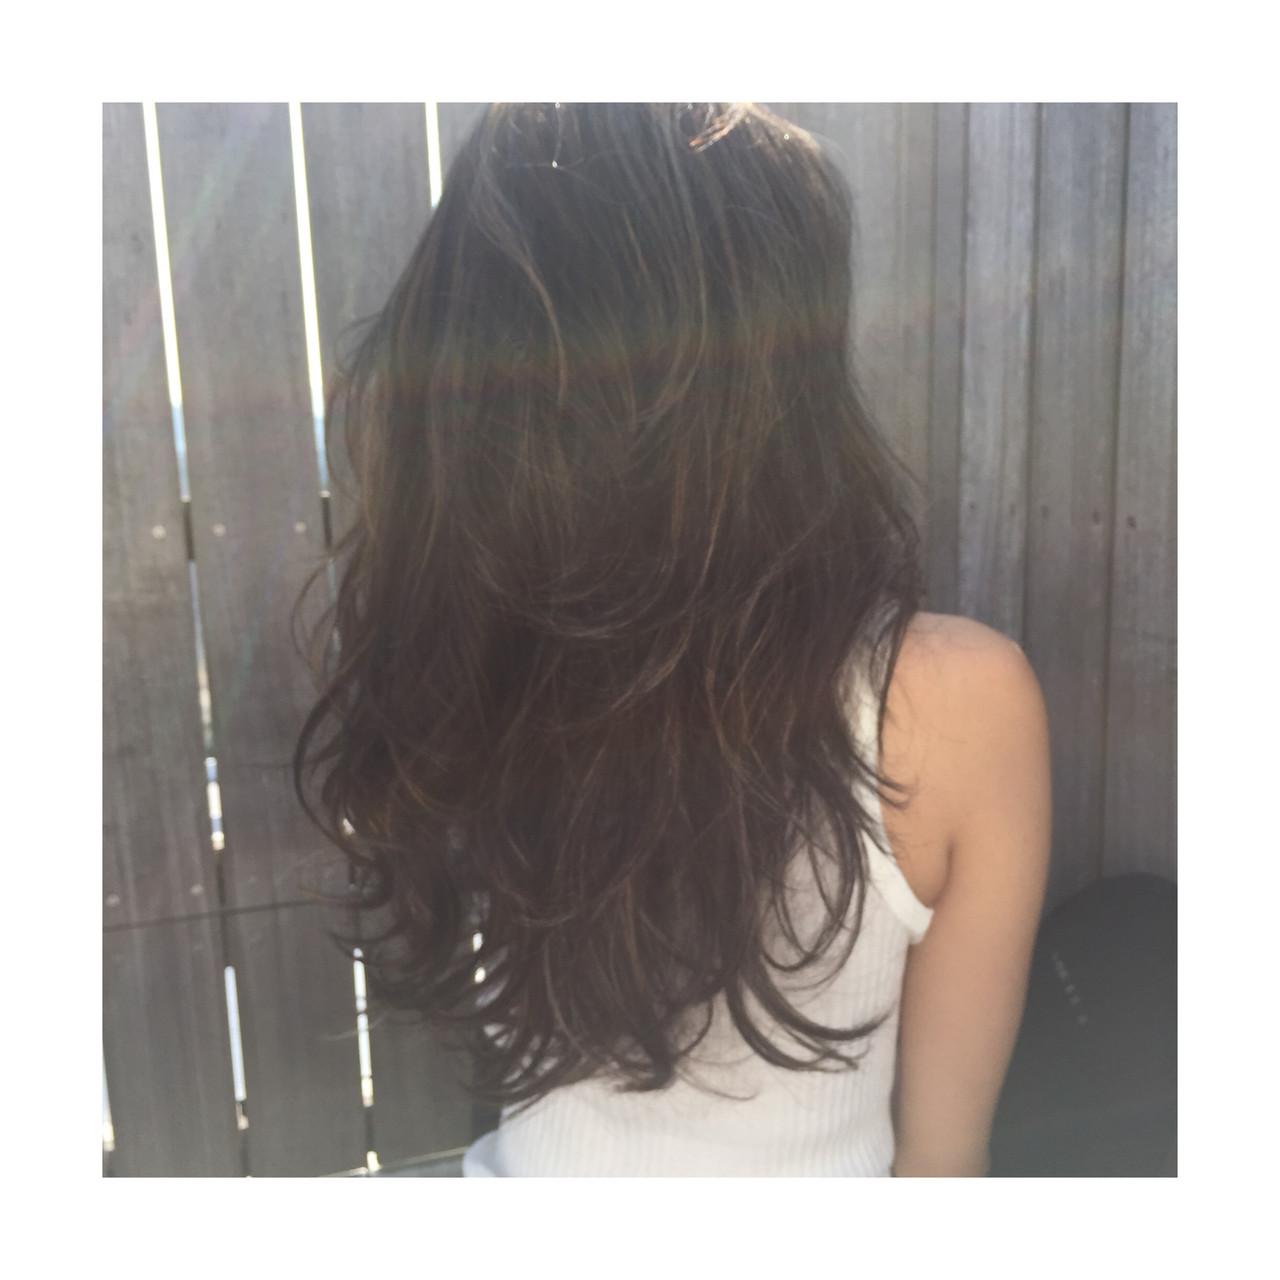 地毛ハイライト レイヤーカット 外国人風カラー ハイライト ヘアスタイルや髪型の写真・画像